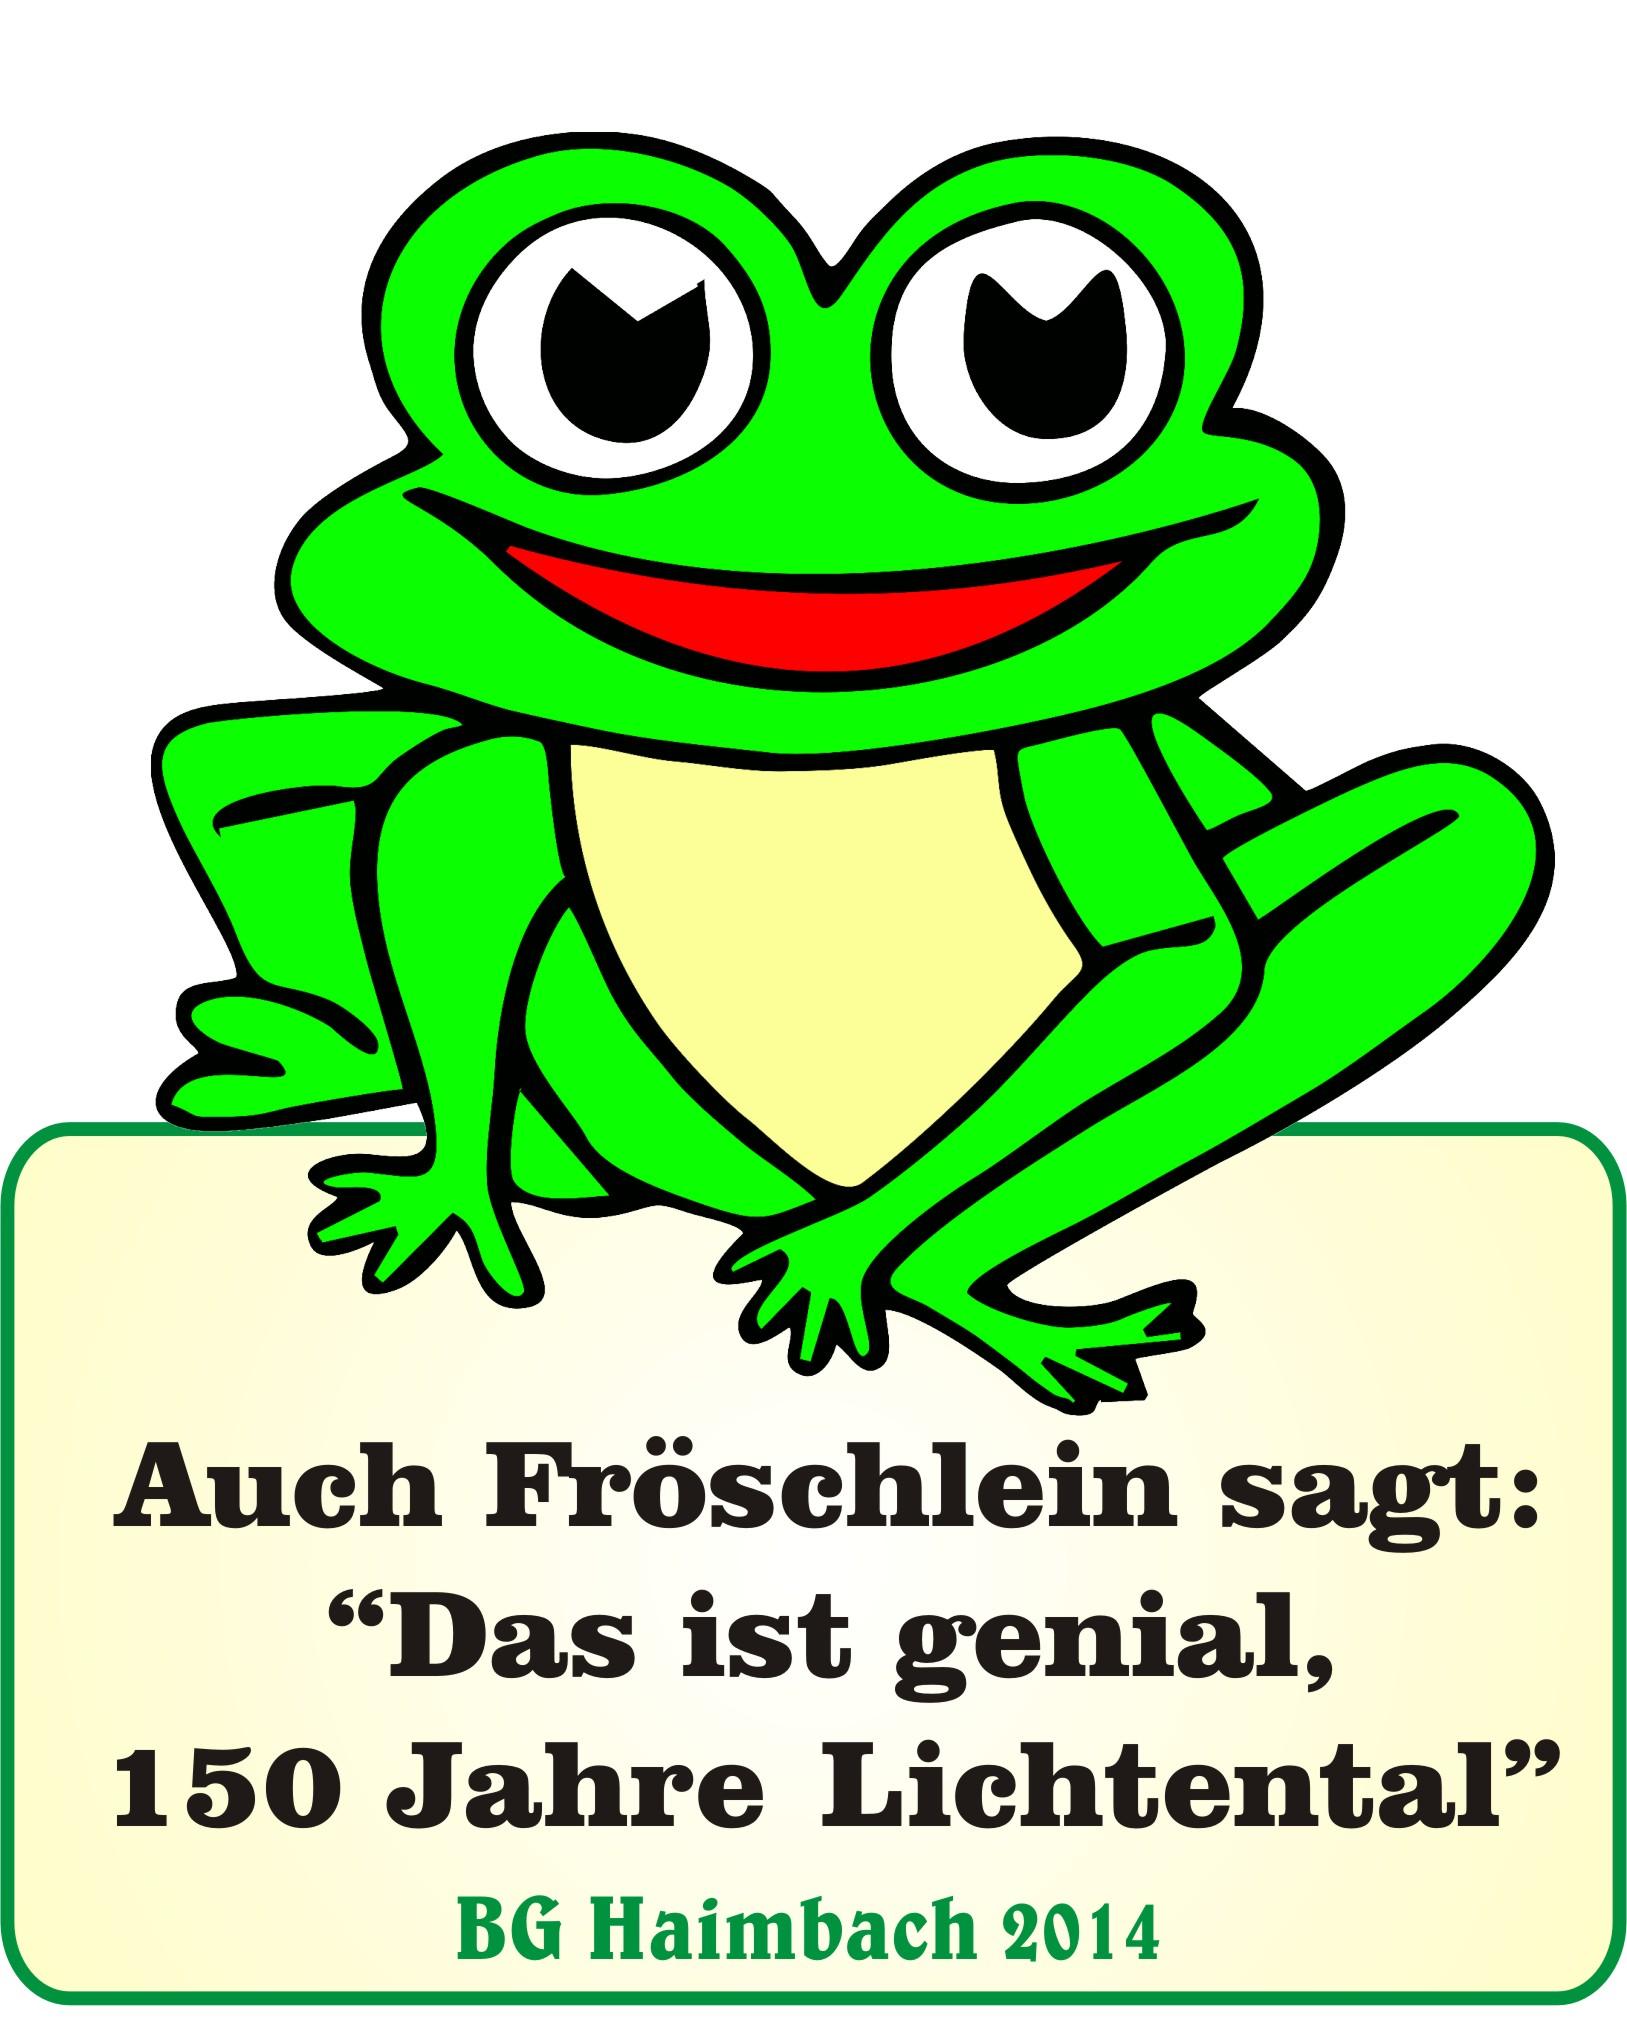 Baden-Badener Narrenzunft e.V.